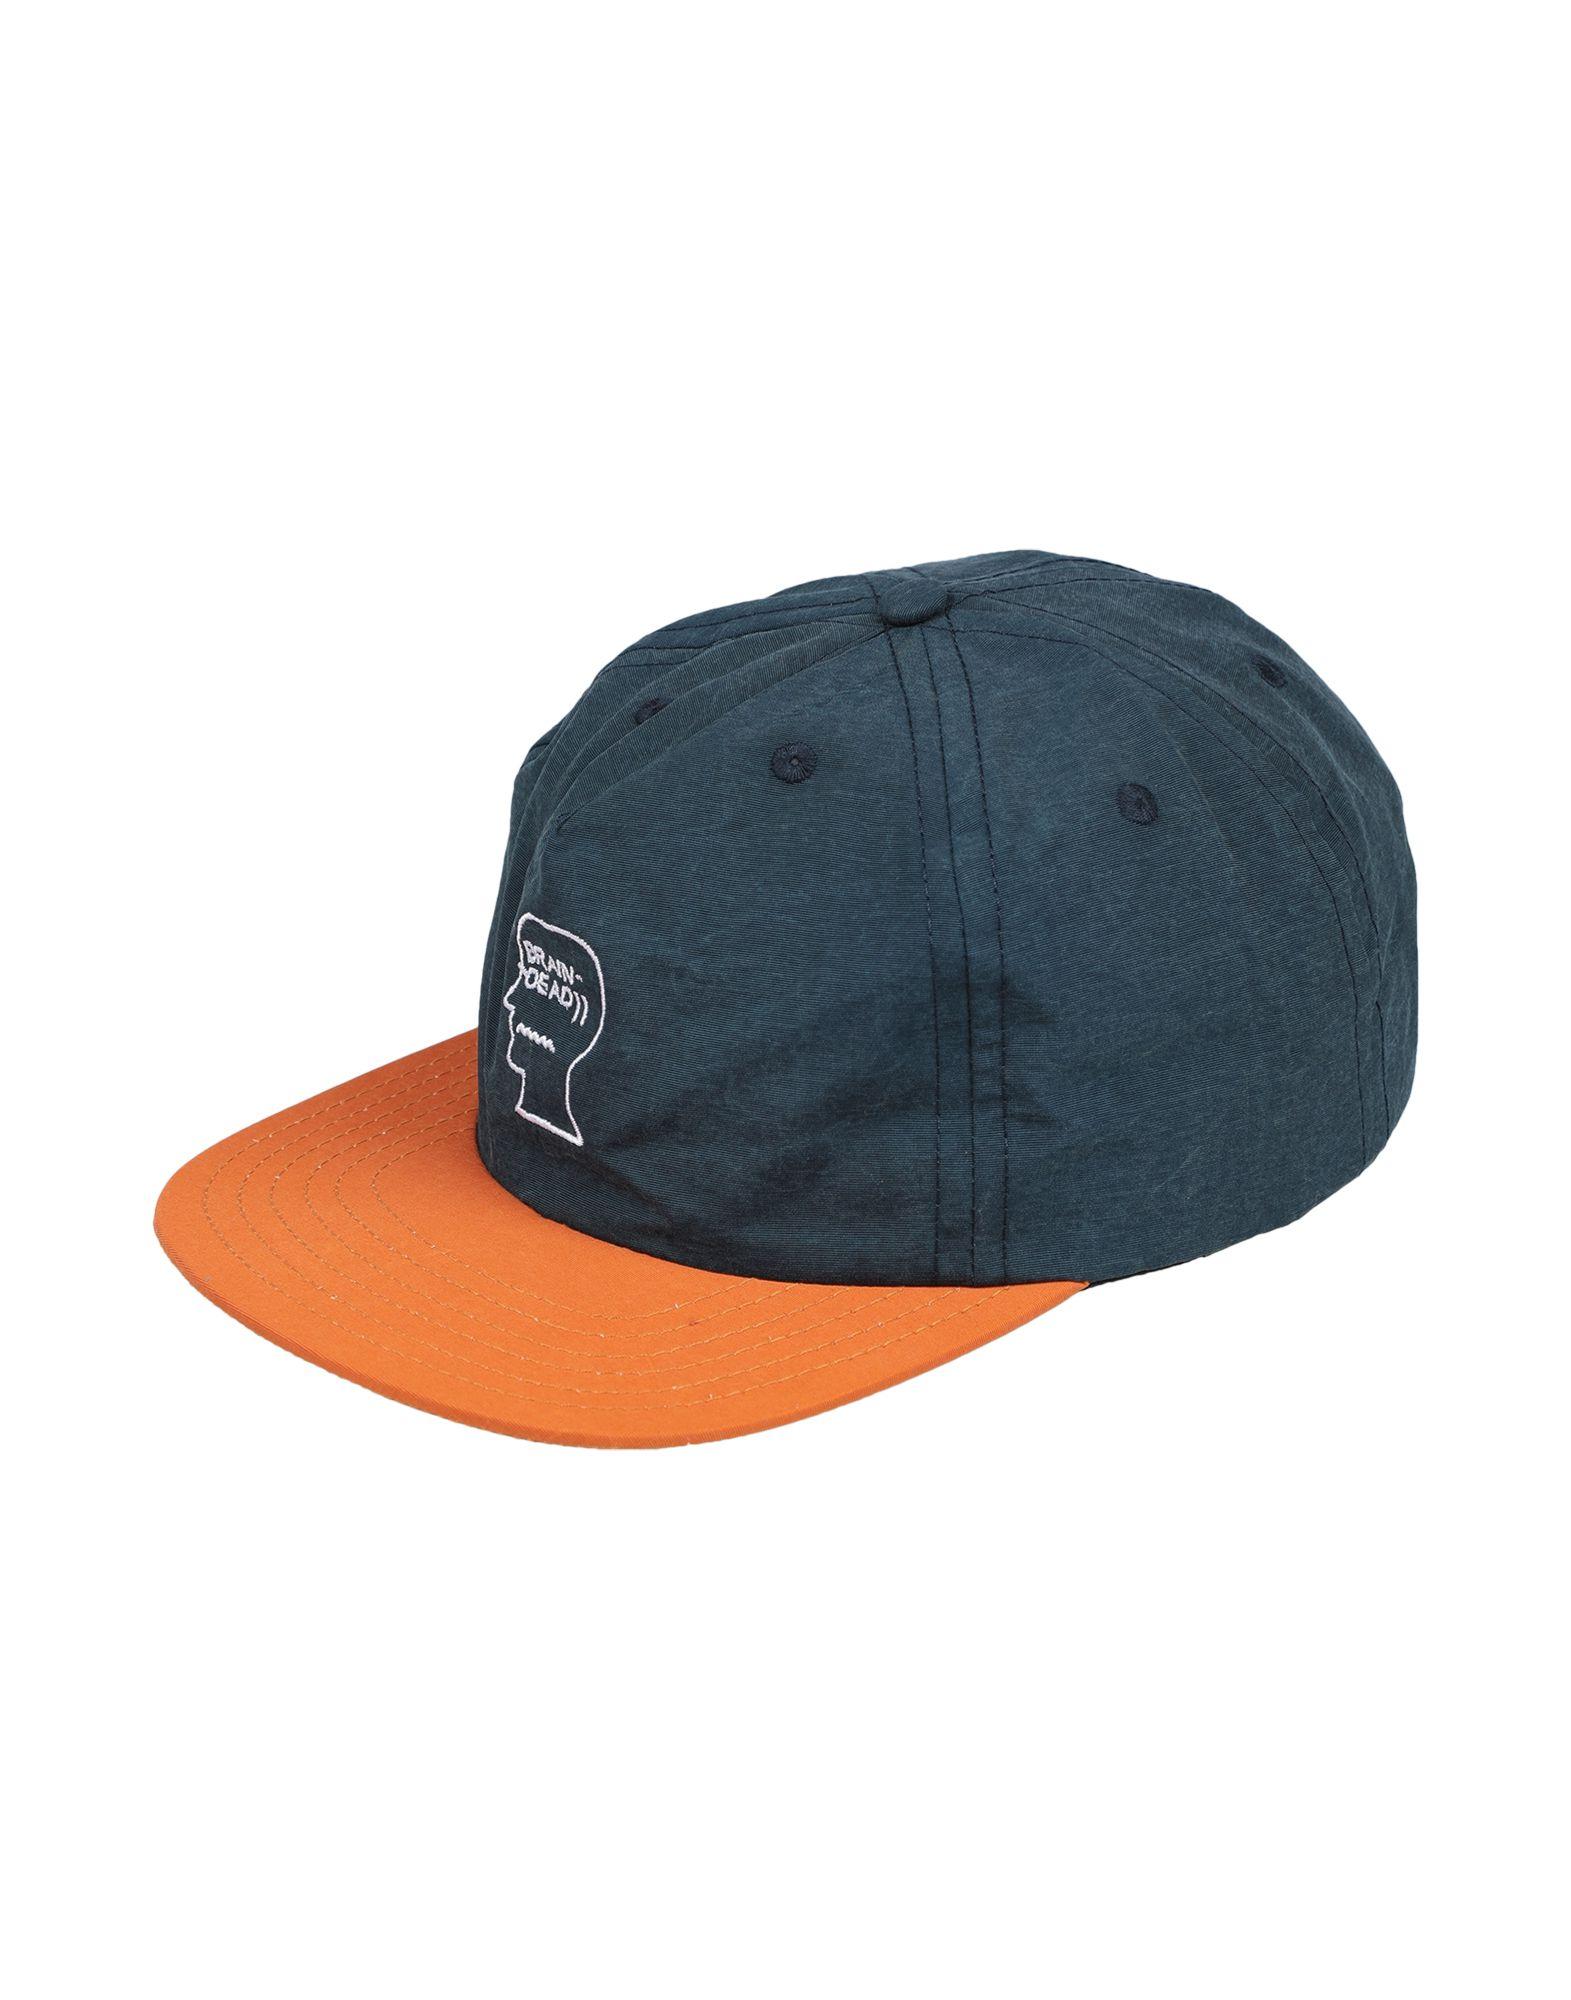 《送料無料》BRAIN DEAD メンズ 帽子 ダークブルー one size コットン 100%